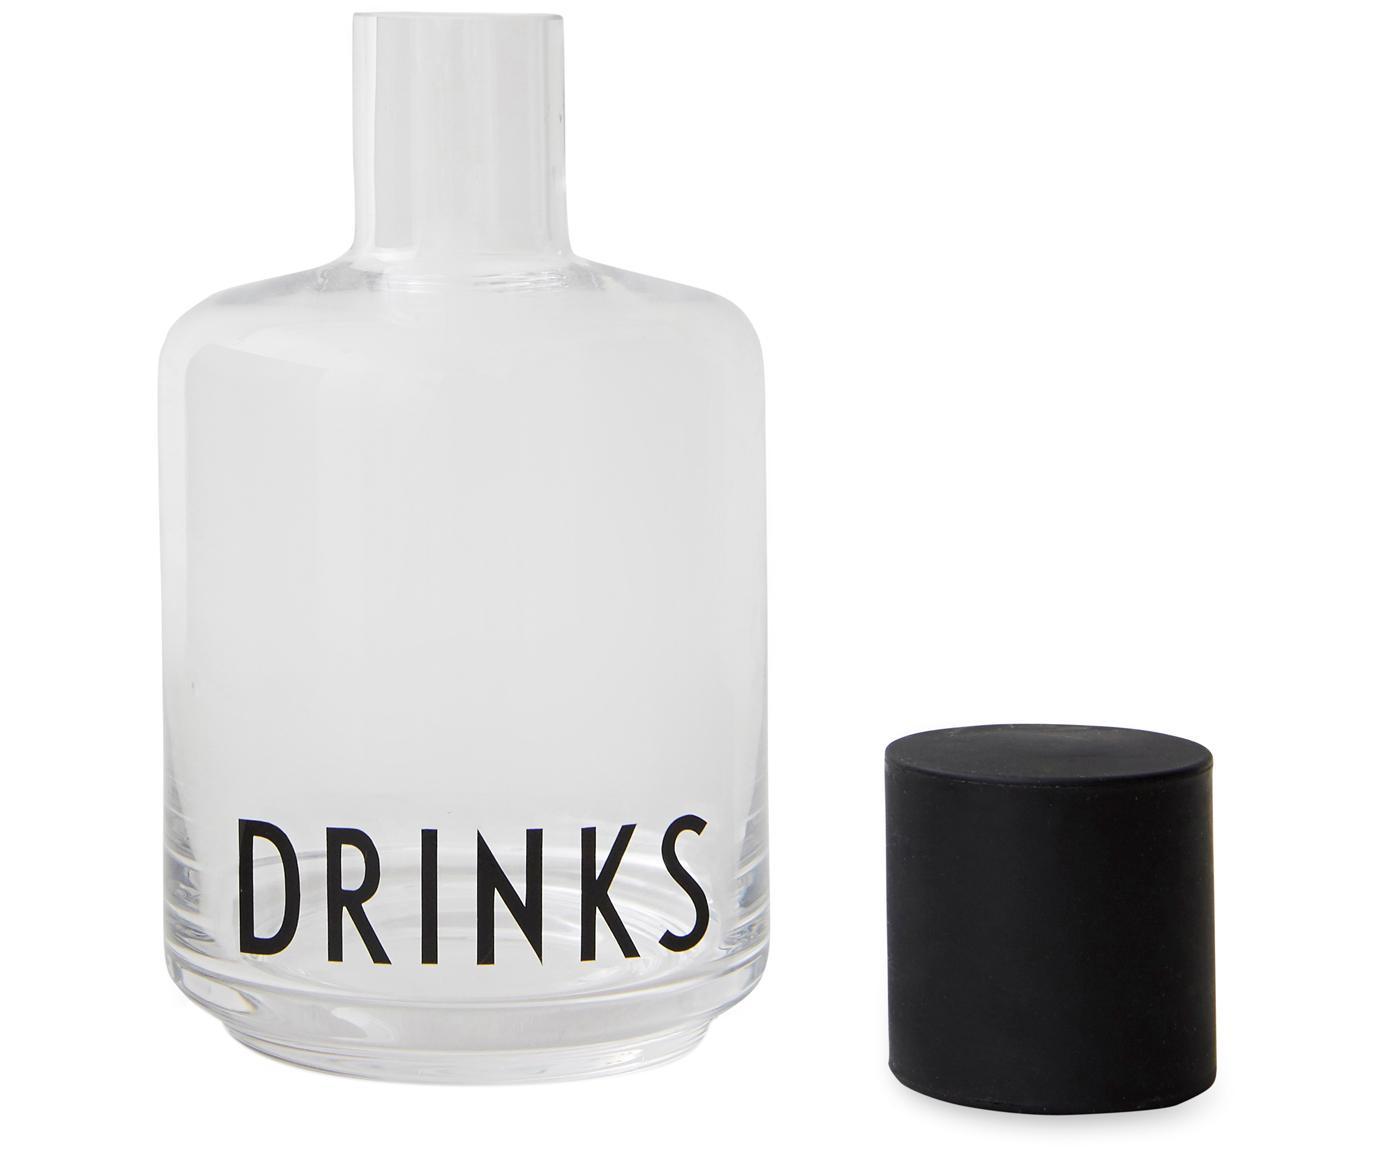 Karafka Drinks, Transparentny, czarny, 500 ml